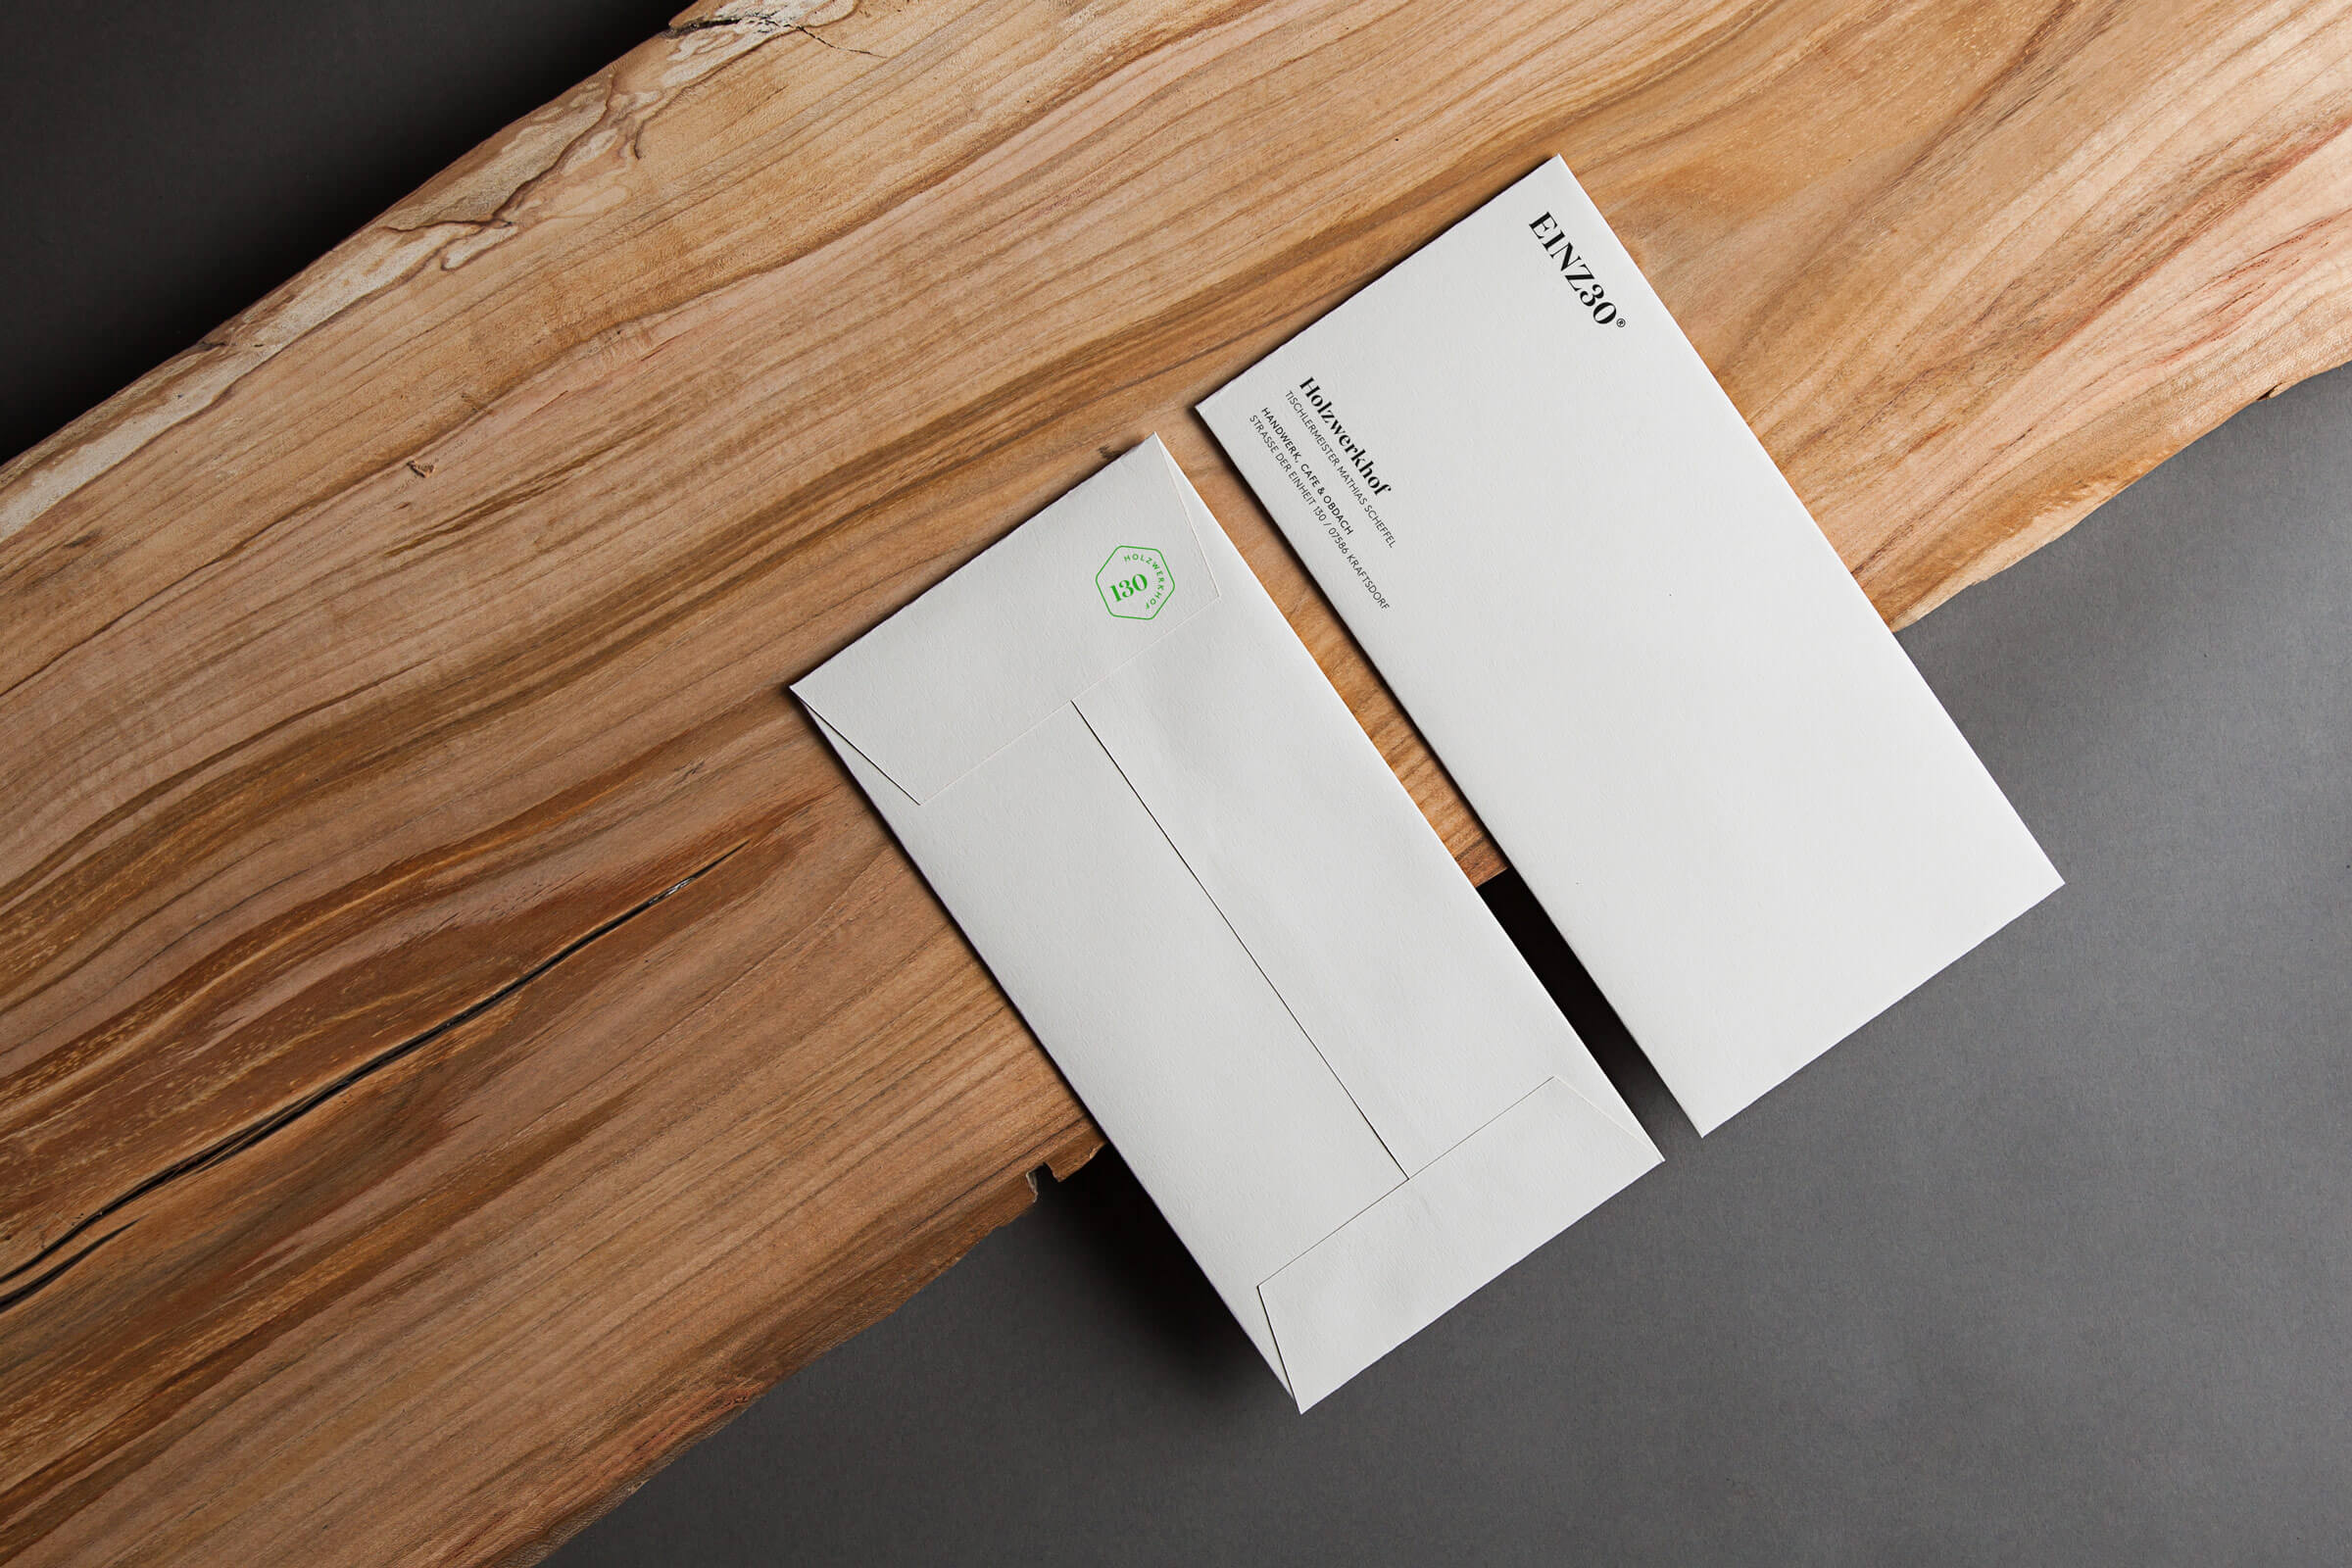 dreizehnundfuenf_design_studio_einz30_4